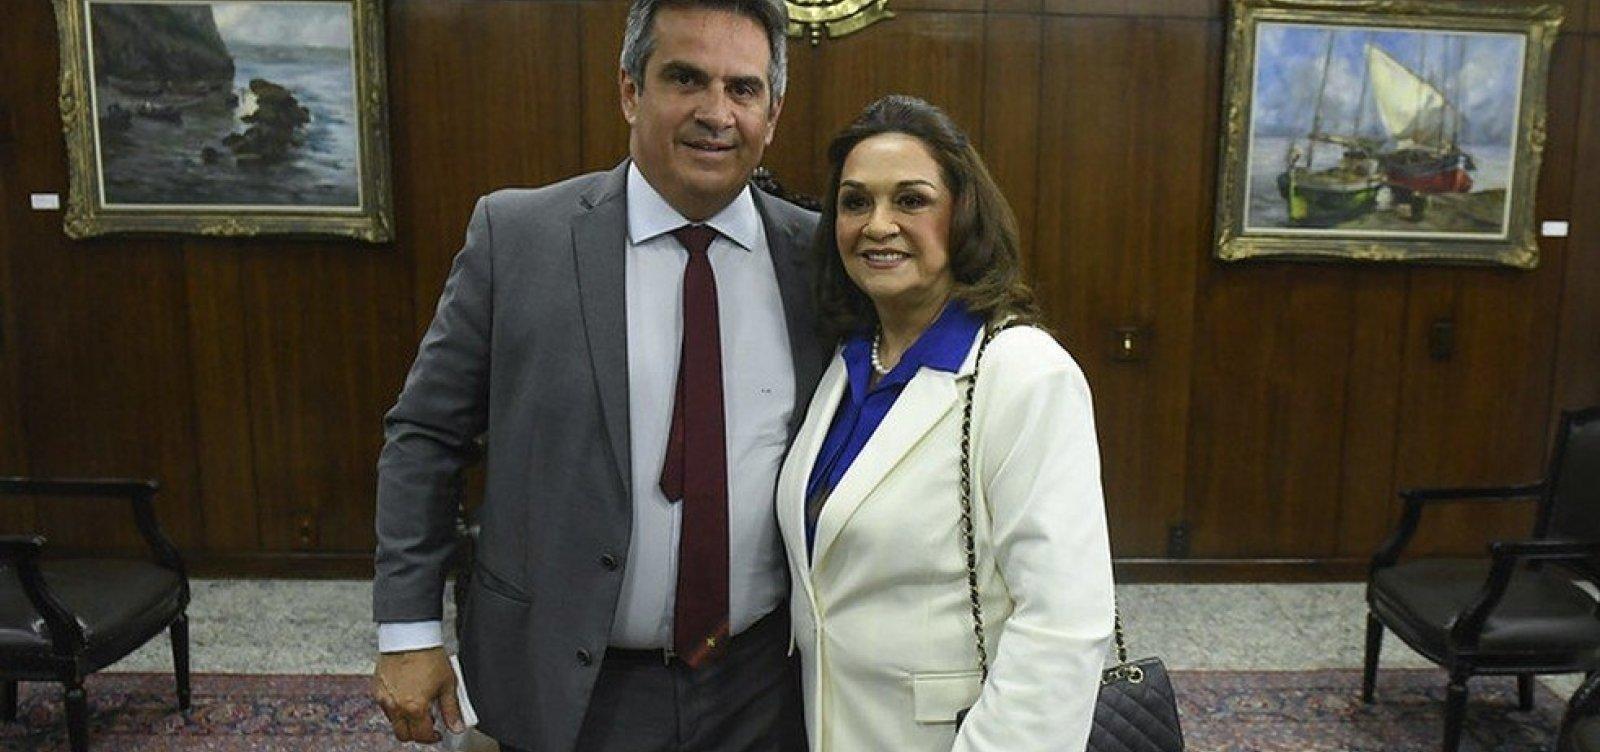 Ciro Nogueira empregou mãe, pai e 4 irmãos em seu gabinete na Câmara, diz jornal